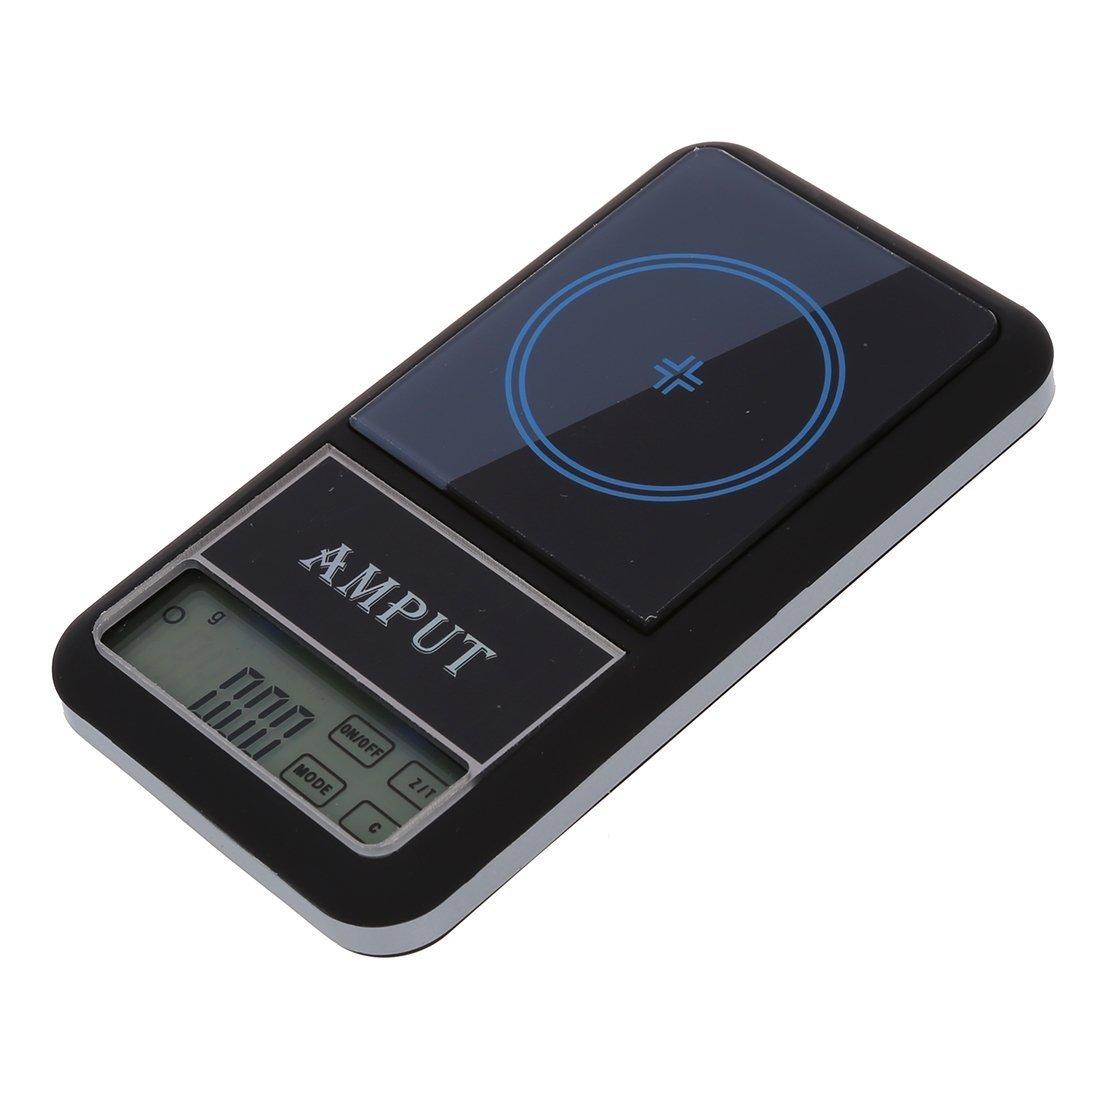 AMPUT Nueva Pantalla Tactil Digital de Bolsillo Escala Joyeria Escala 200g x 0.01g SHOMPFL068